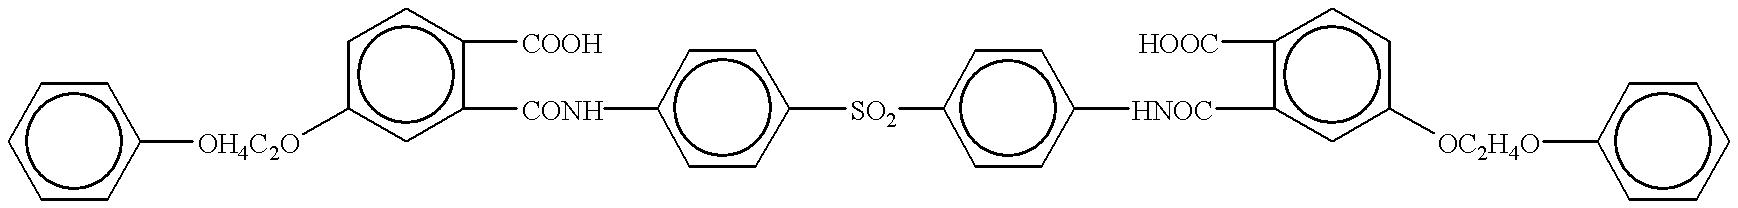 Figure US06180560-20010130-C00433